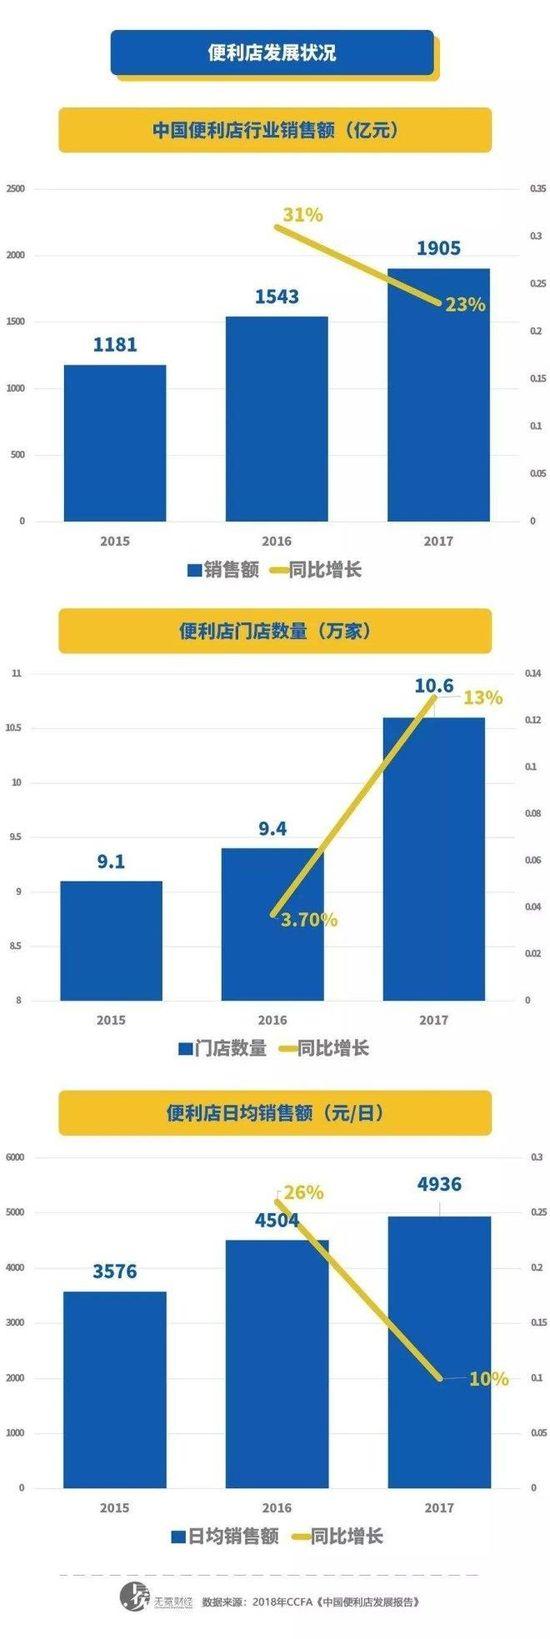 """便利店""""冰与火"""":站队新零售才能""""活""""?_零售_电商报"""